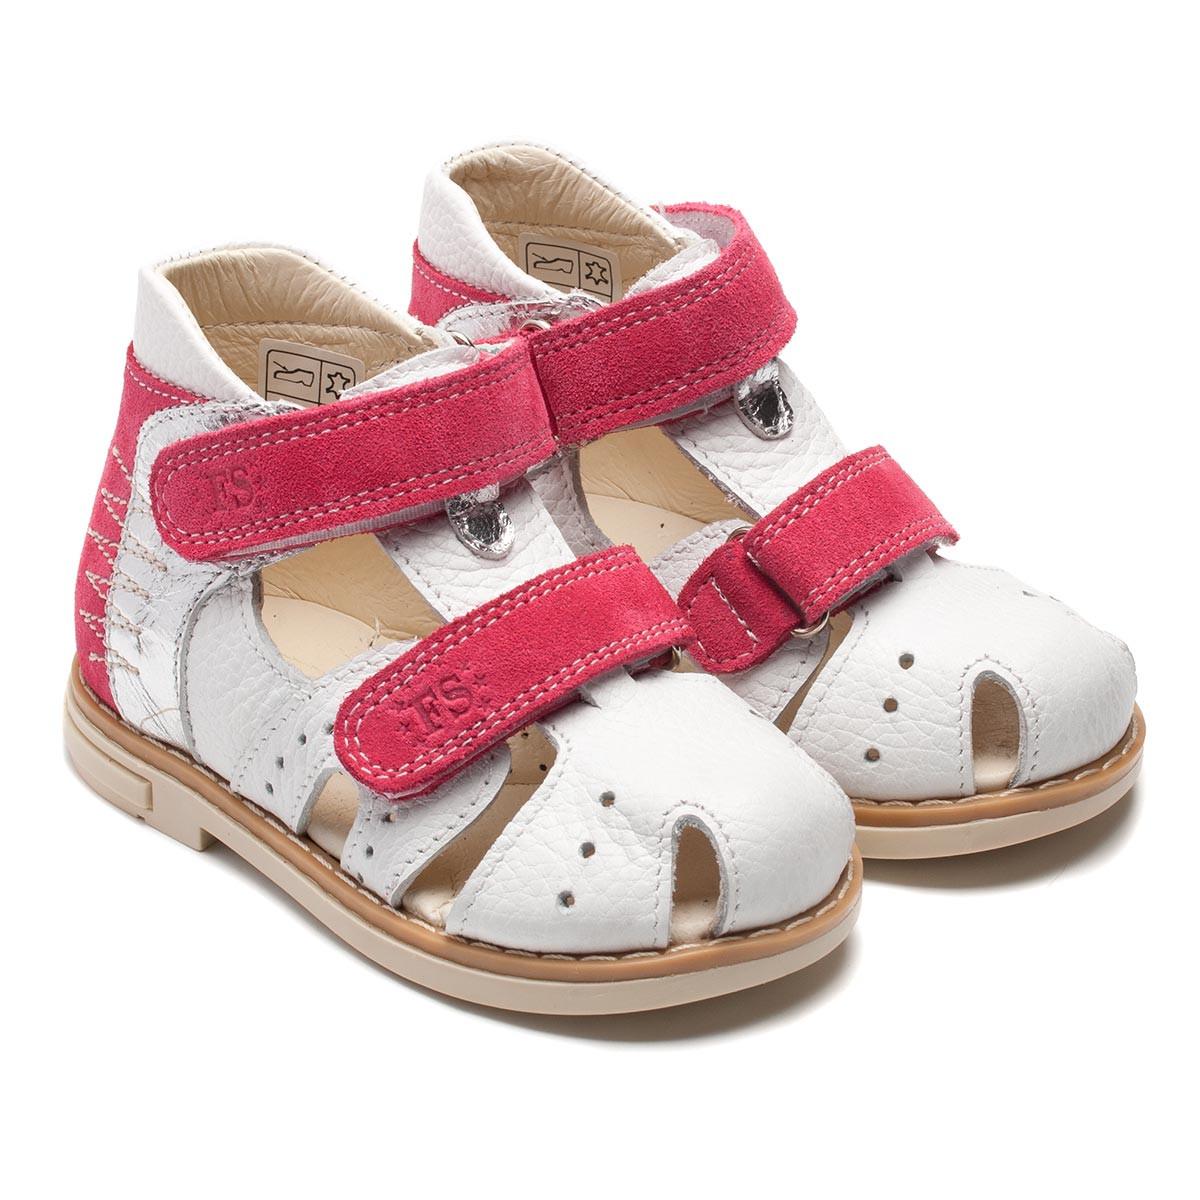 Кожаные, белые босоножки для девочки, размер 20-30 Подробнее: http://ortopedic.com.ua/p296421225-kozhanye-belye-bosonozhki.html